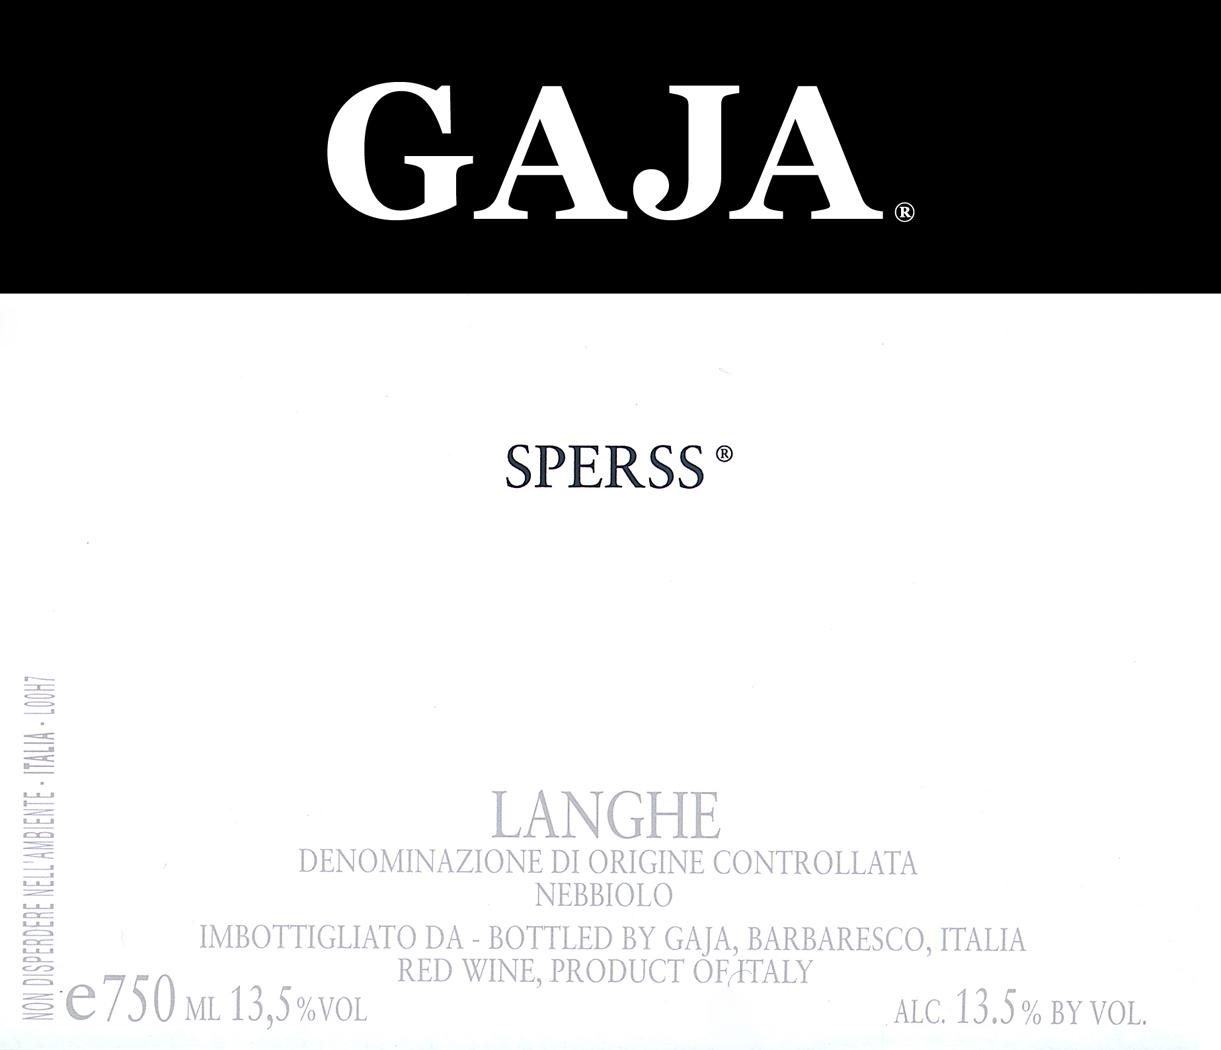 GajaSperss2.jpg